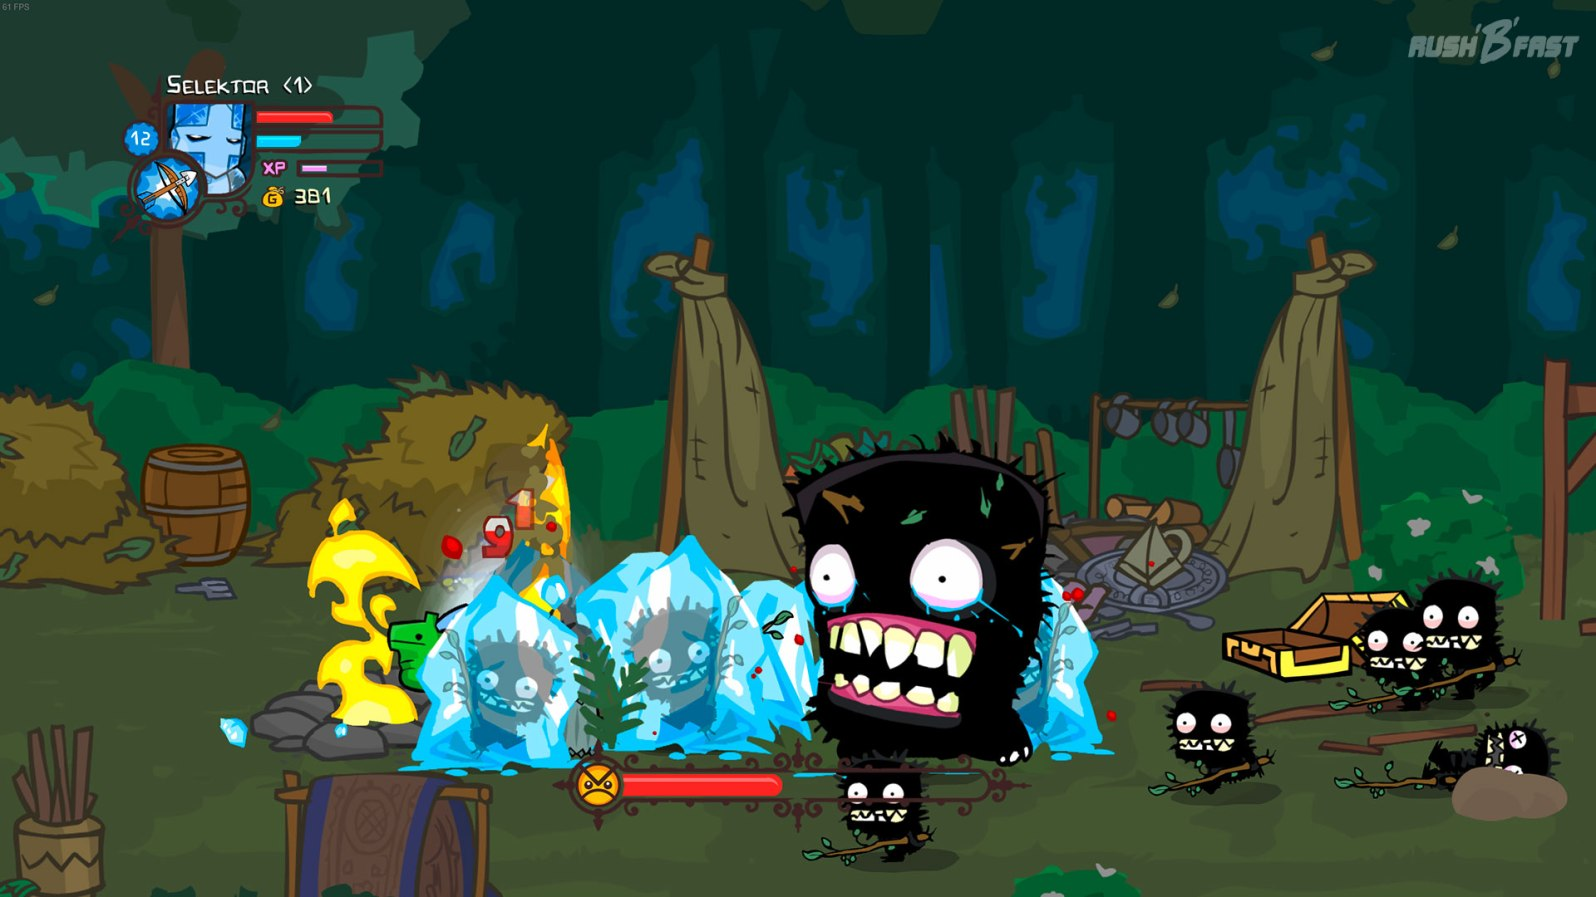 Castle Crashers - Extremer Wuselfaktor im Bossfight! Mit der Frostmagie des blauen Ritter bringen wir etwas Ruhe in den Kampf.